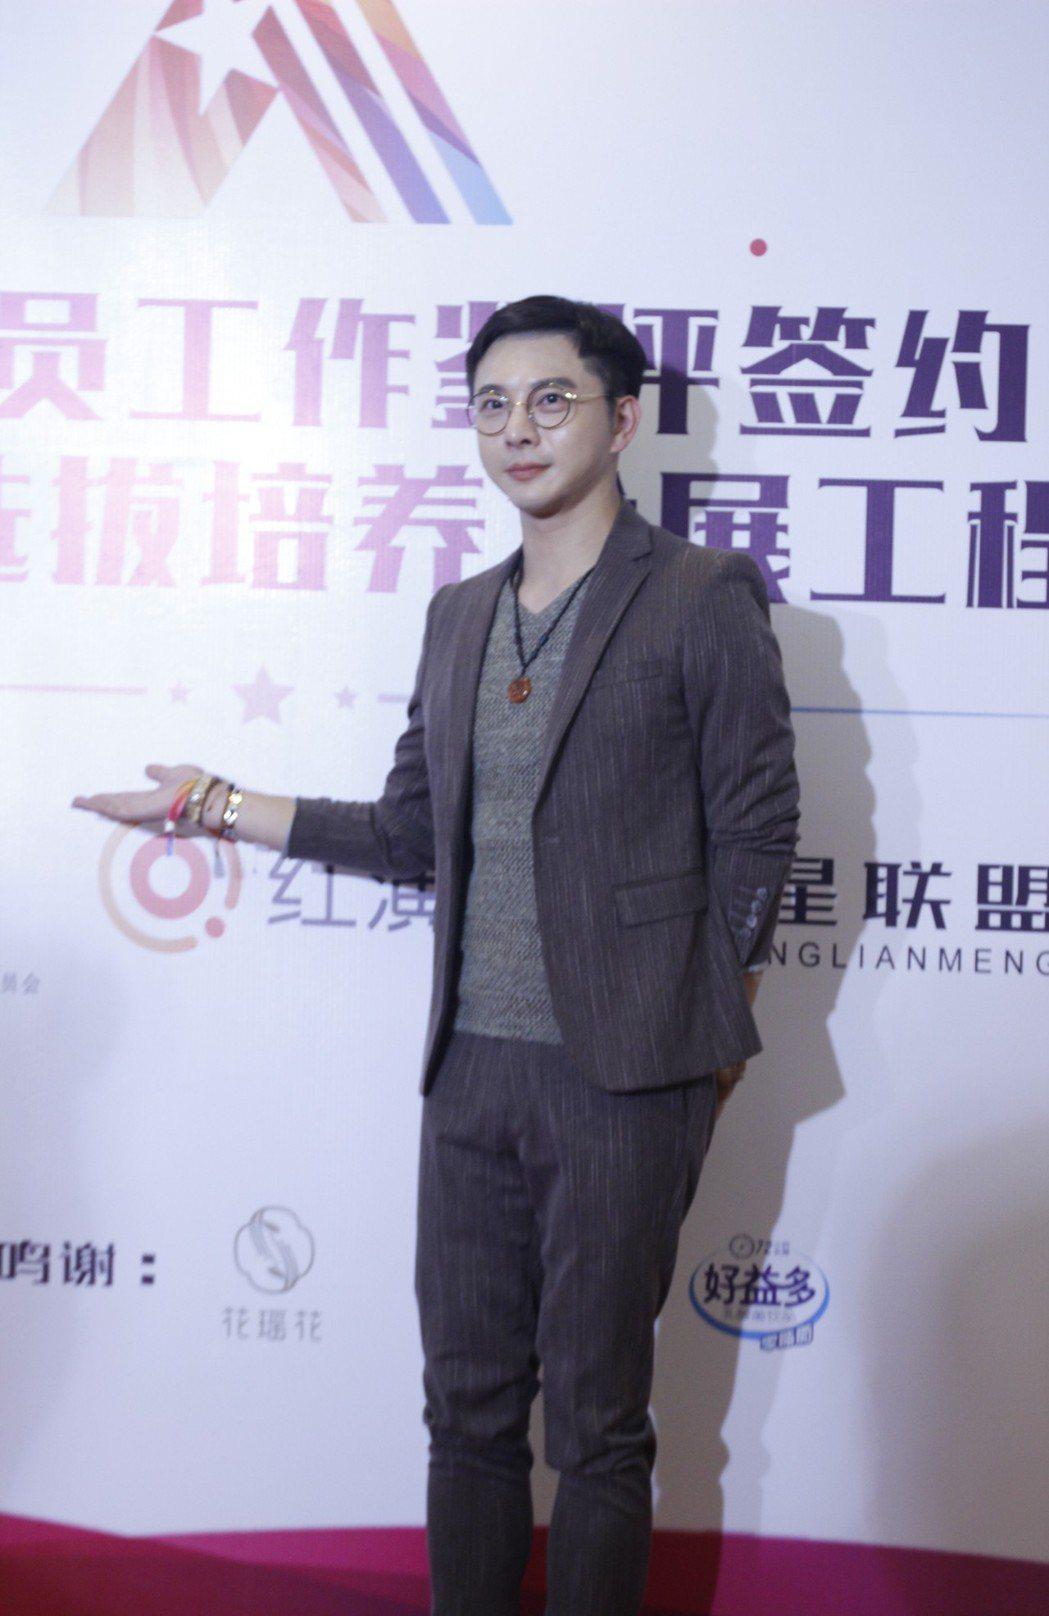 經紀人陳孝志在北京被追問如何挖掘阮經天。圖/陳孝志提供